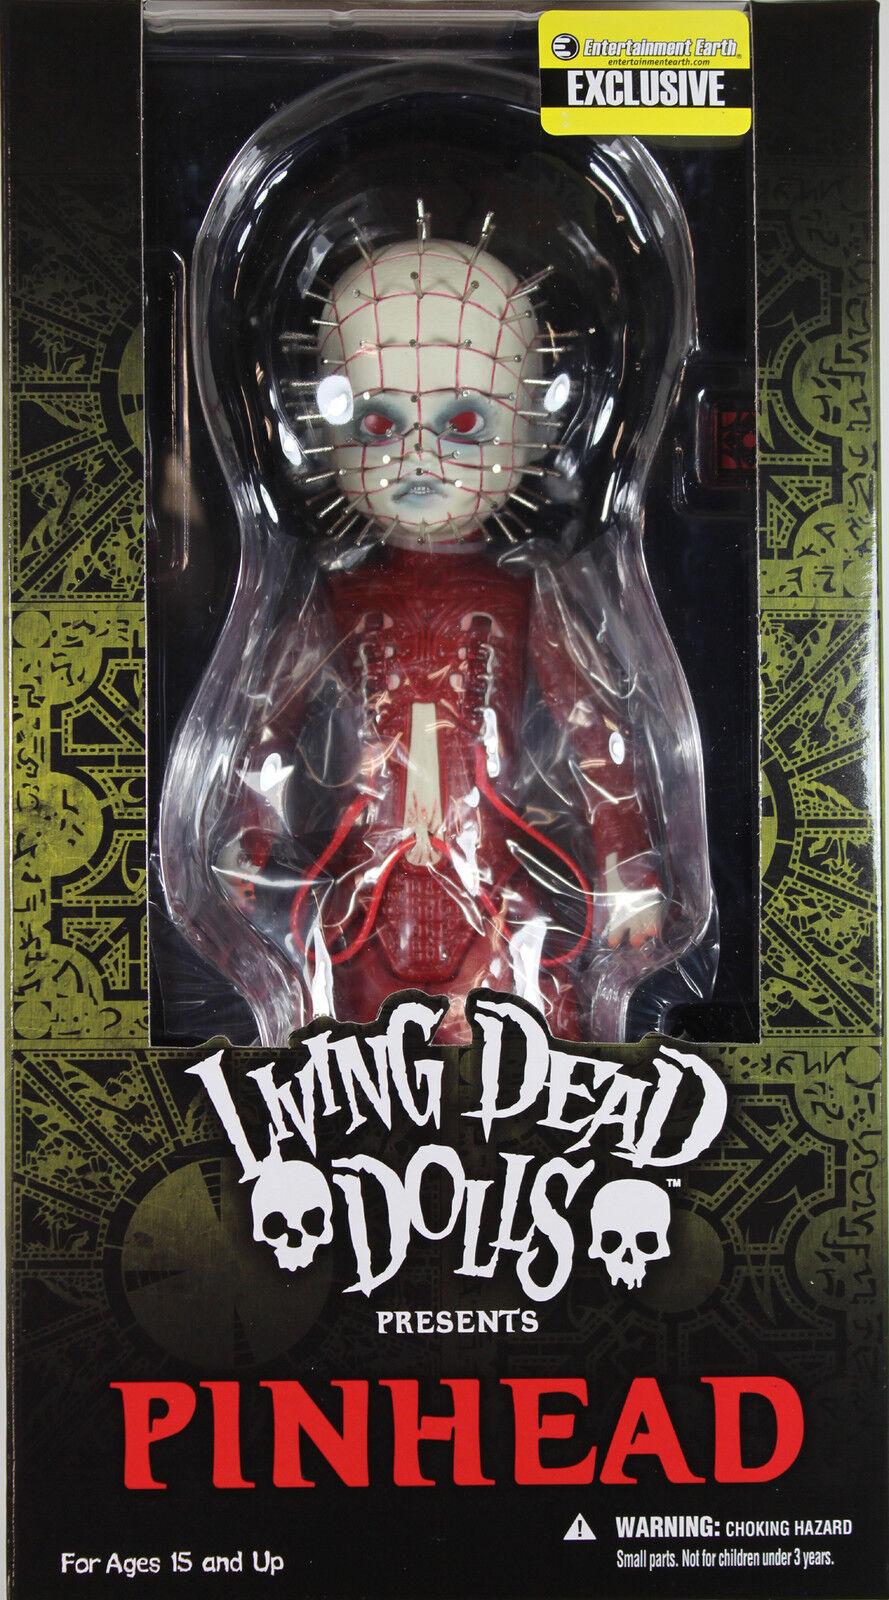 Living Dead bambolas  rosso PINHEAD azione  cifra  Mezco LDD Exclusive  per poco costoso